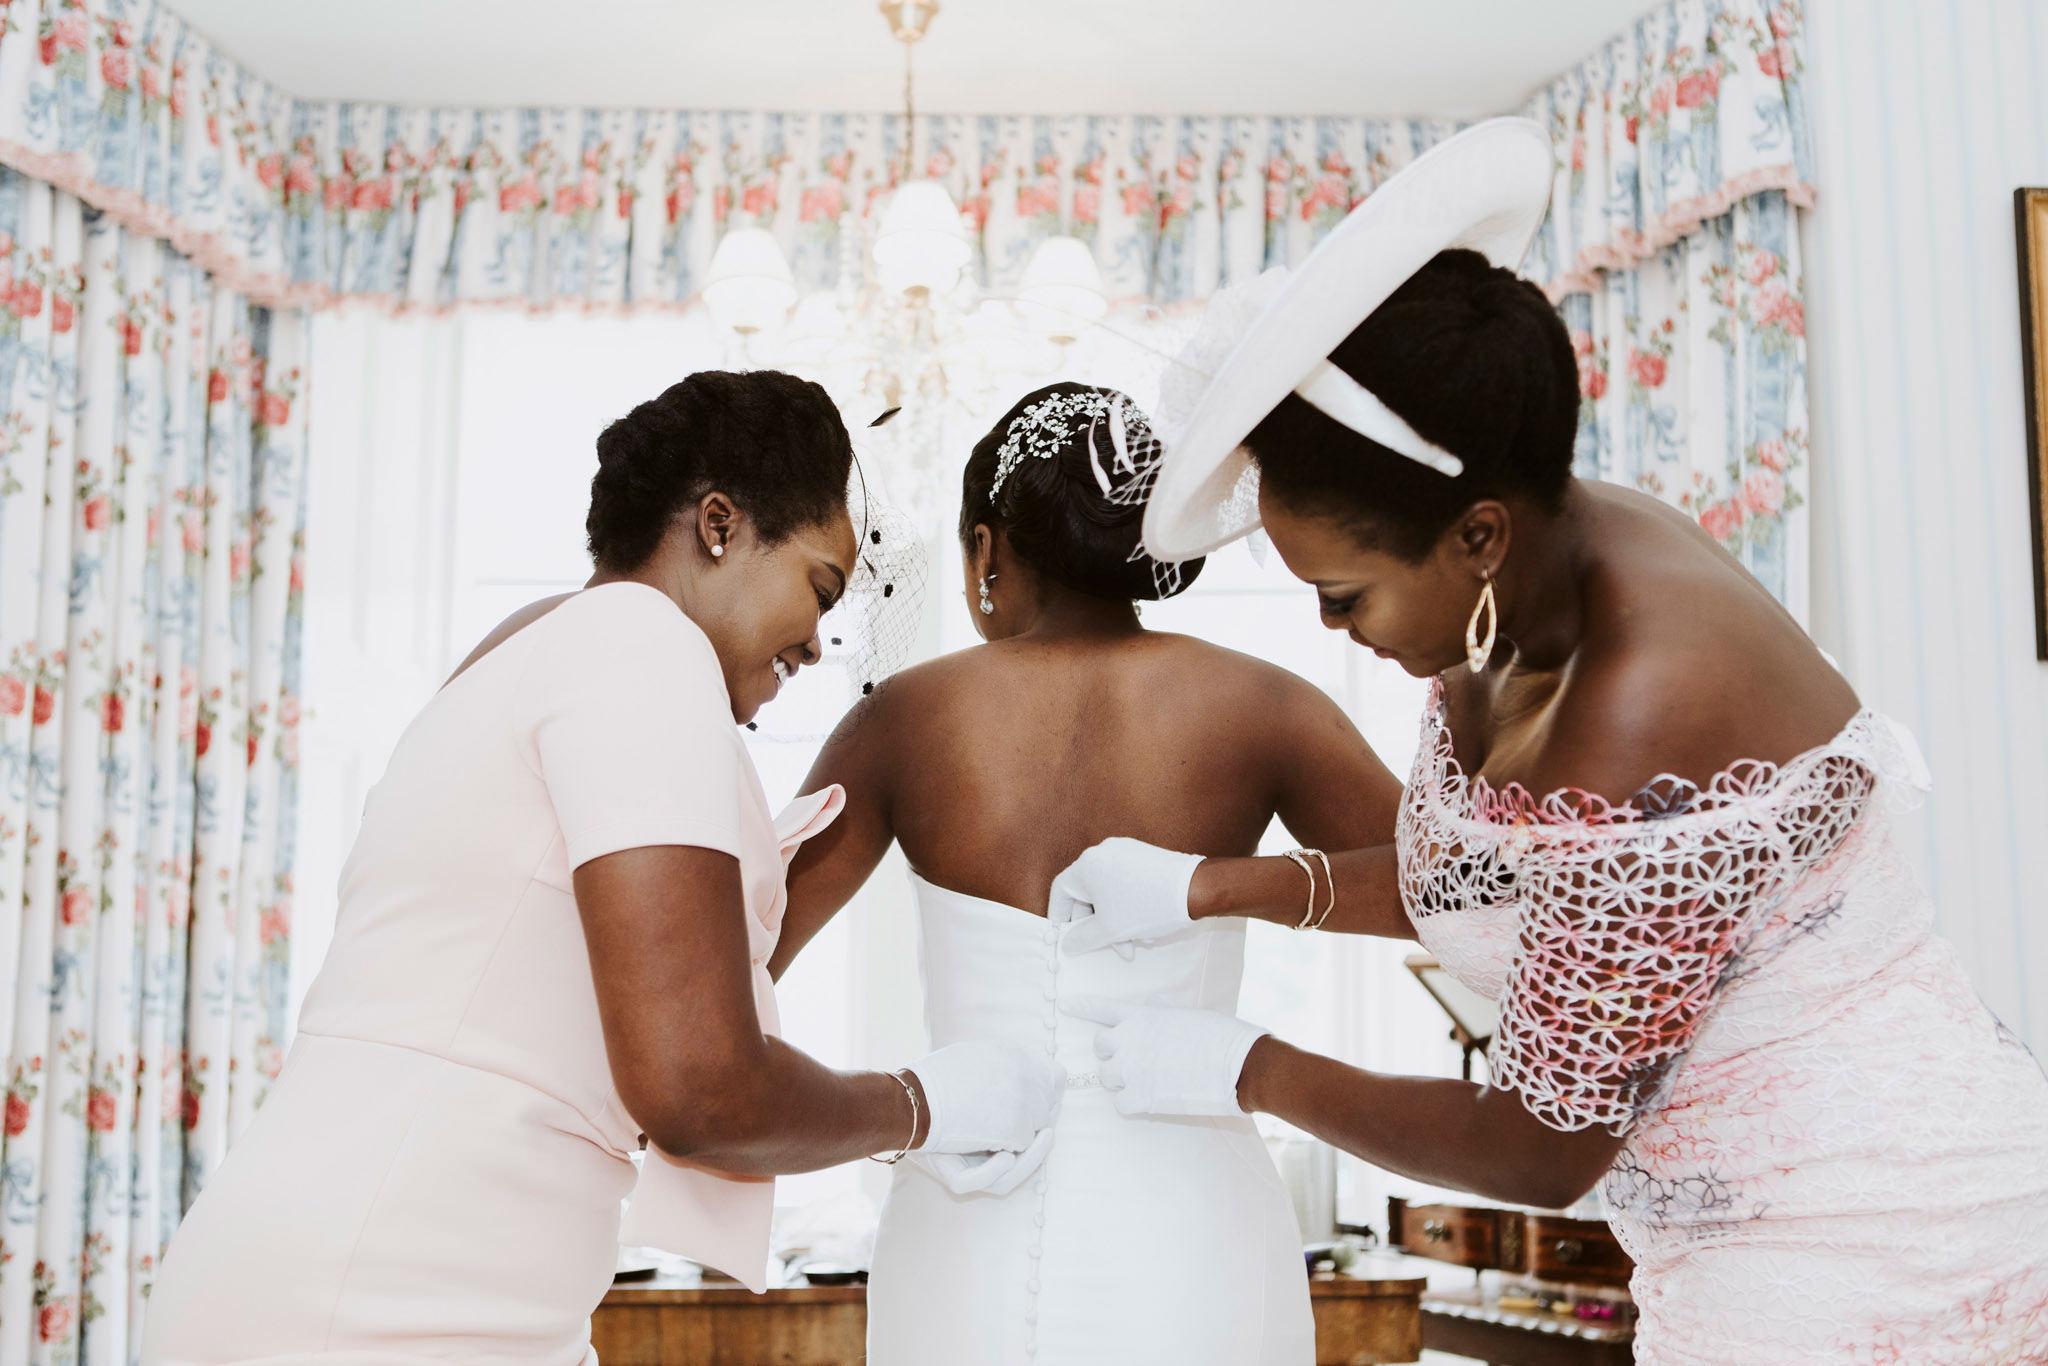 scotland-wedding-elopement-photographer-016.jpg